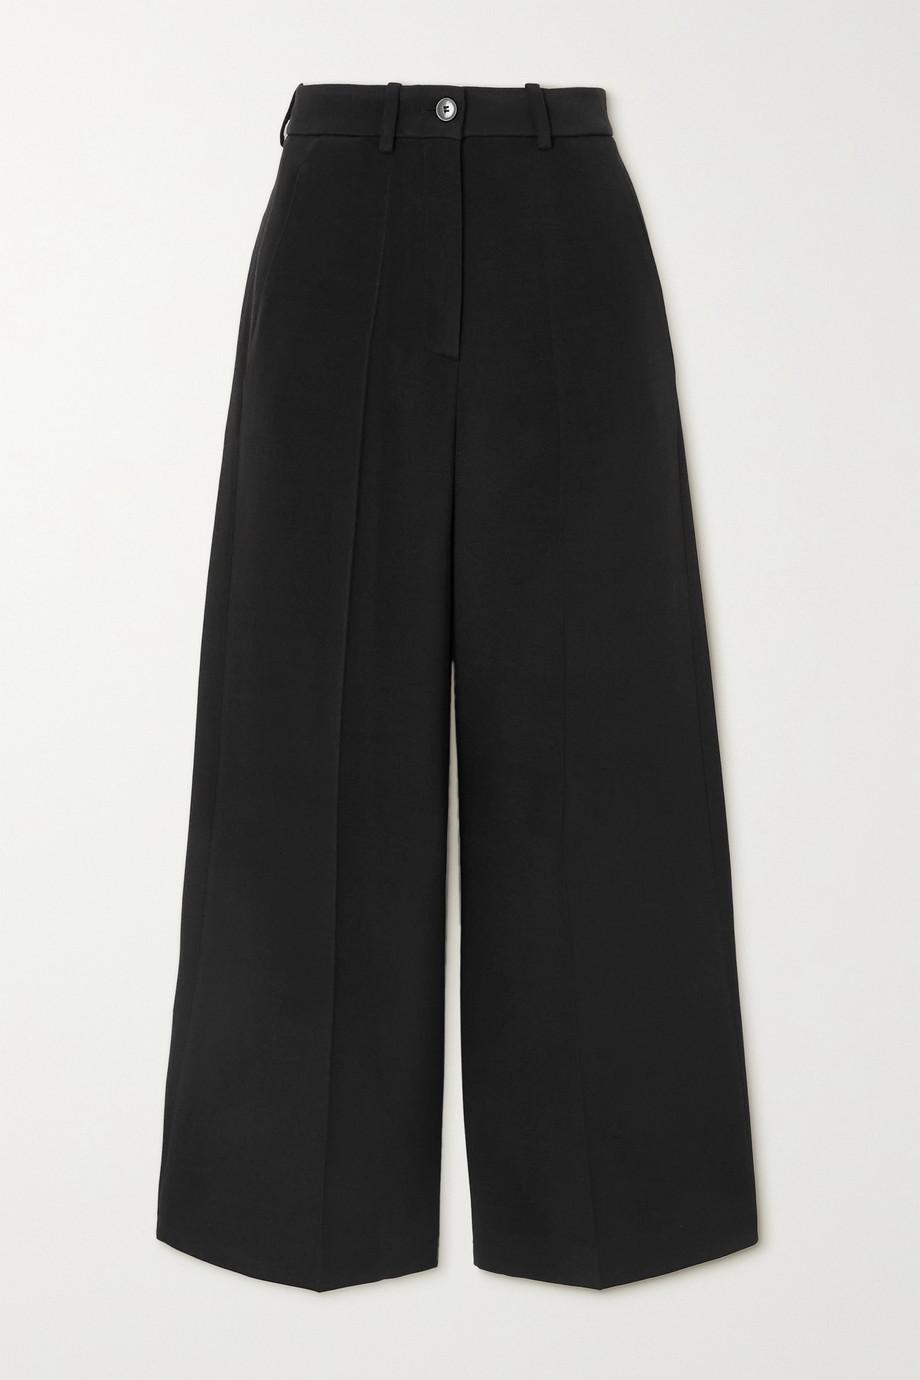 Valentino Pantalon large raccourci en laine mélangée